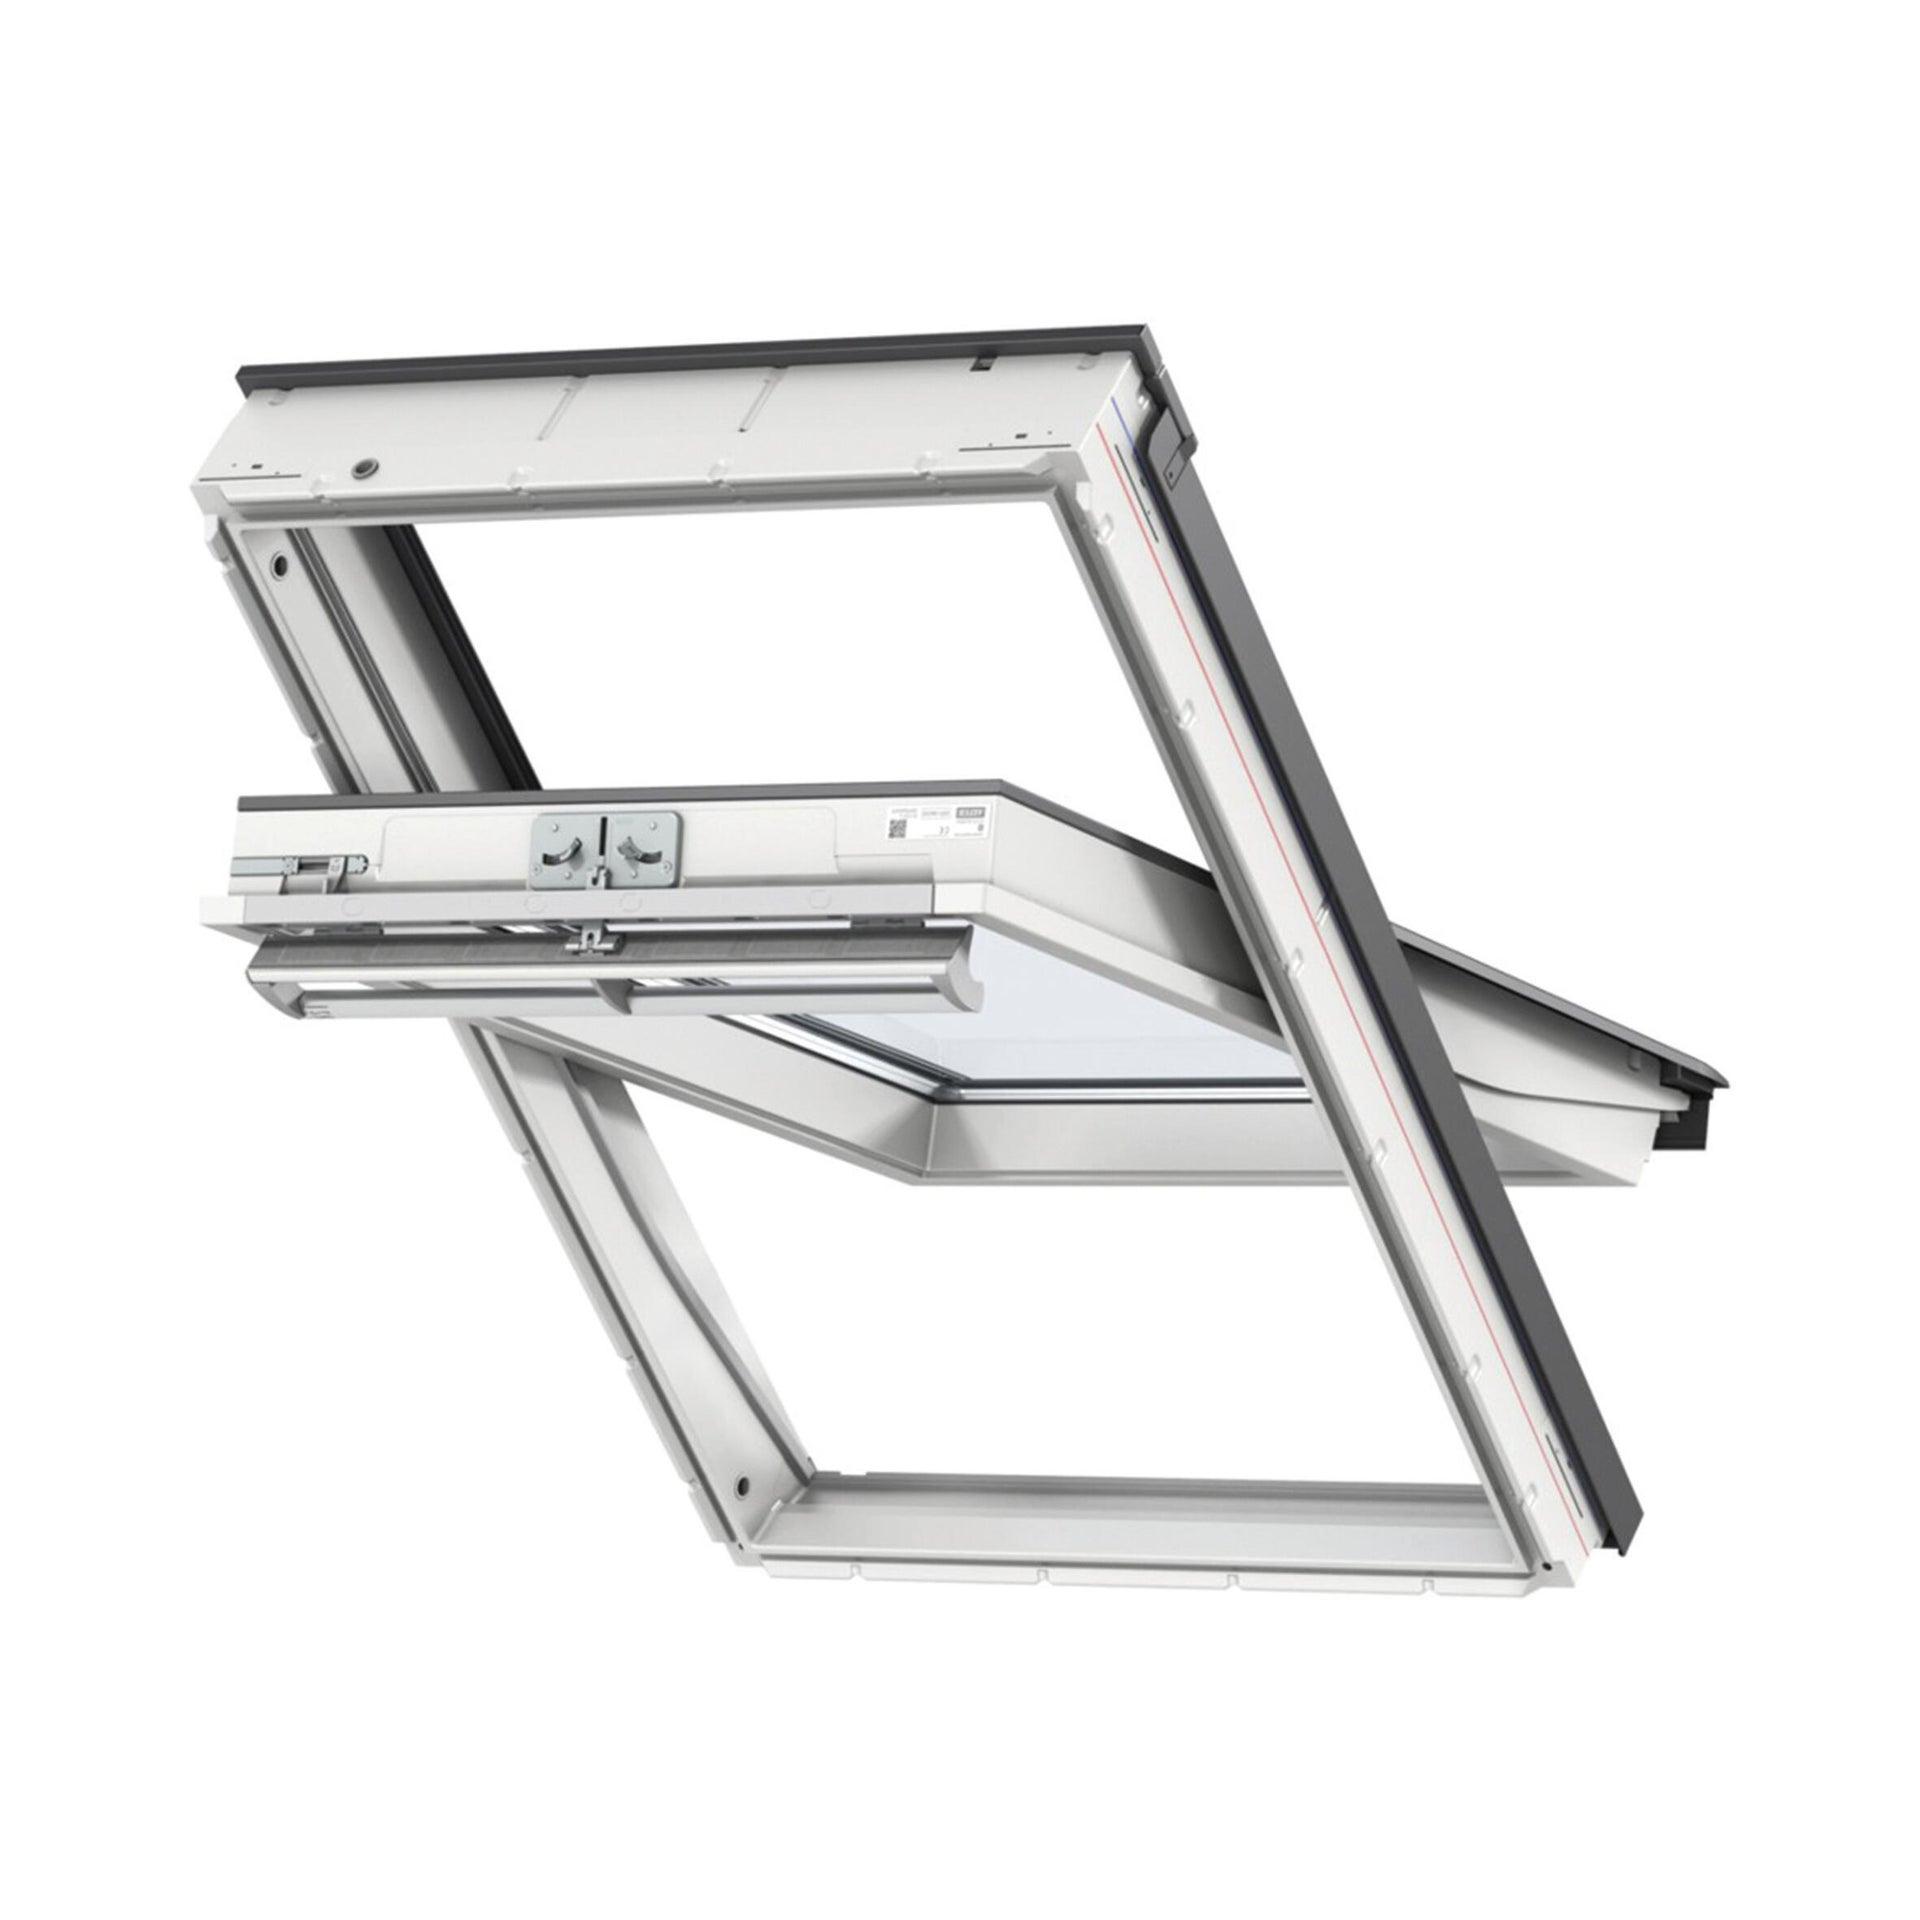 Finestra da tetto (faccia inclinata) VELUX GGU FK08 0070 manuale L 66 x H 140 cm bianco - 1